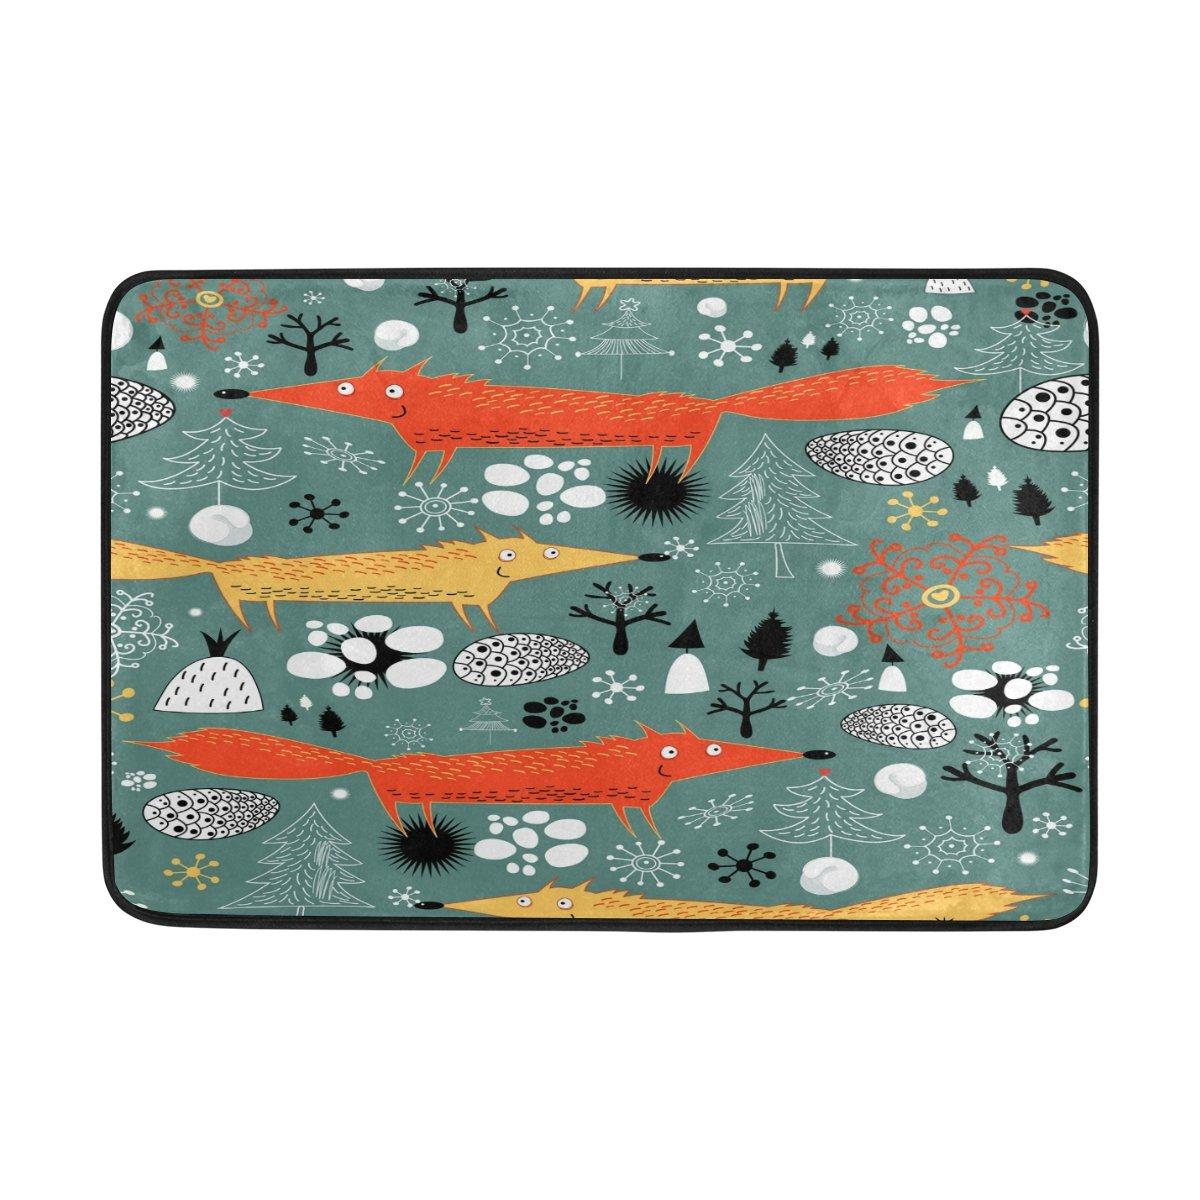 Merry Christmas Tree Fox Snow Forest Woods Nut Indoor/Outdoor Door Mat Super Absorbs Mud Floor Mat 23.6 x 15.7 Inch Slip-Resistant Rubber Backing Design by MOCK ST